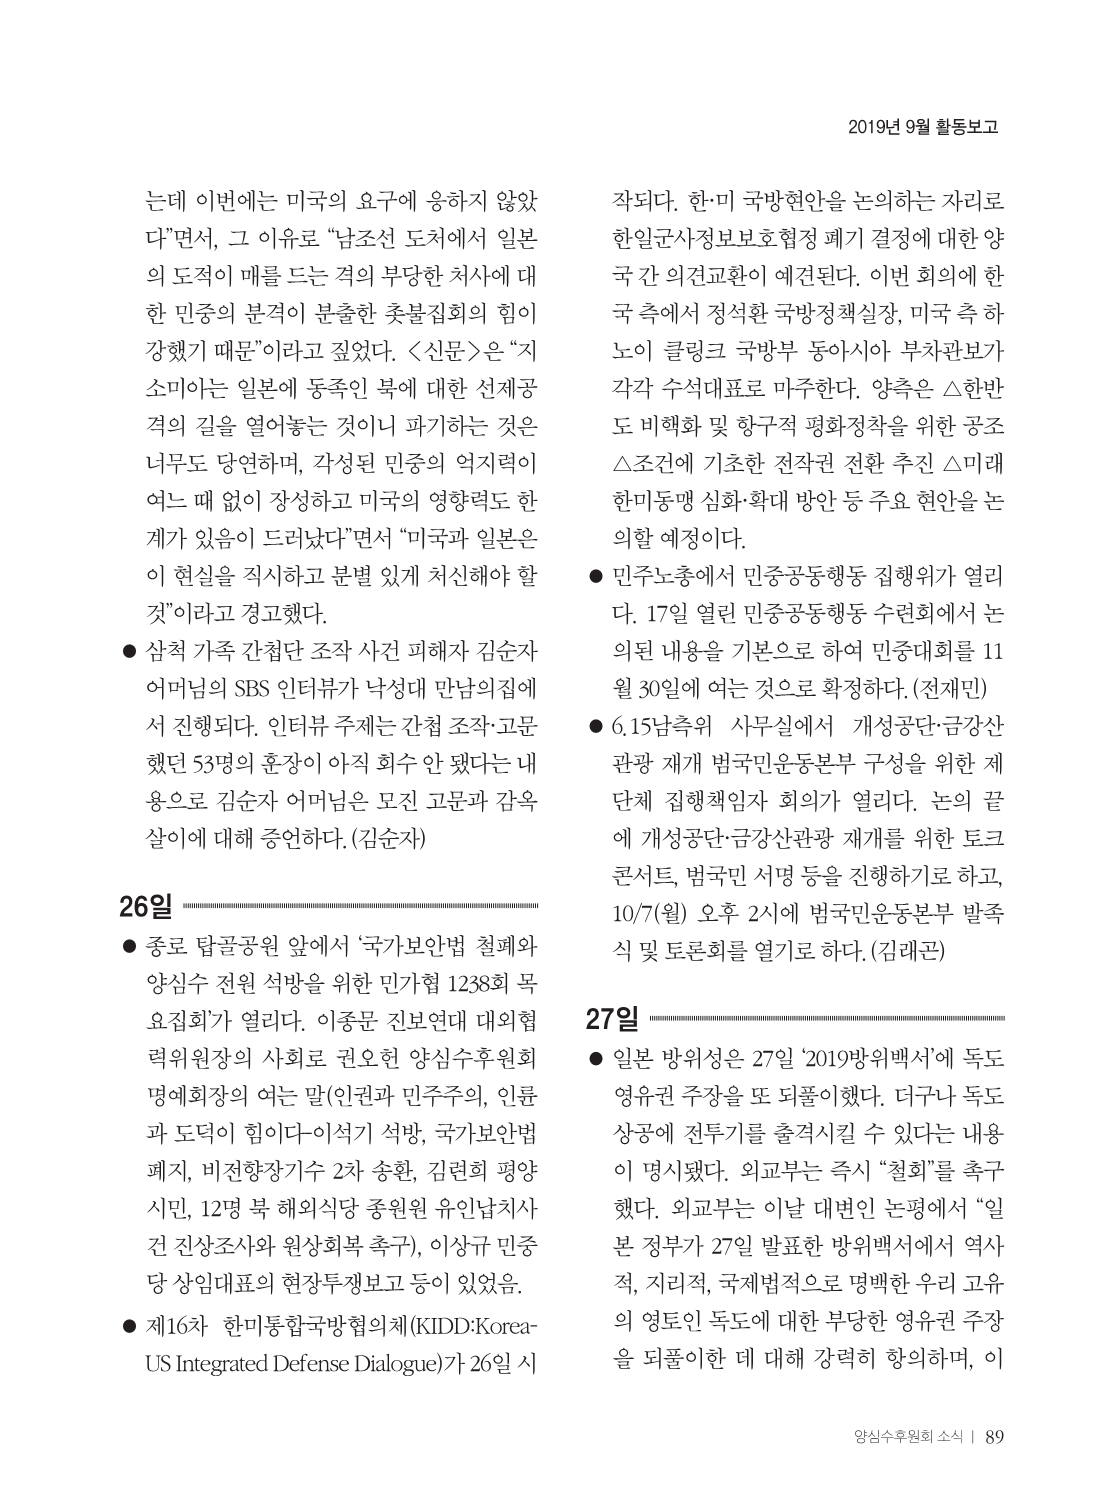 154780e2-c93e-4795-937d-bbcc14642e29.pdf-0091.jpg